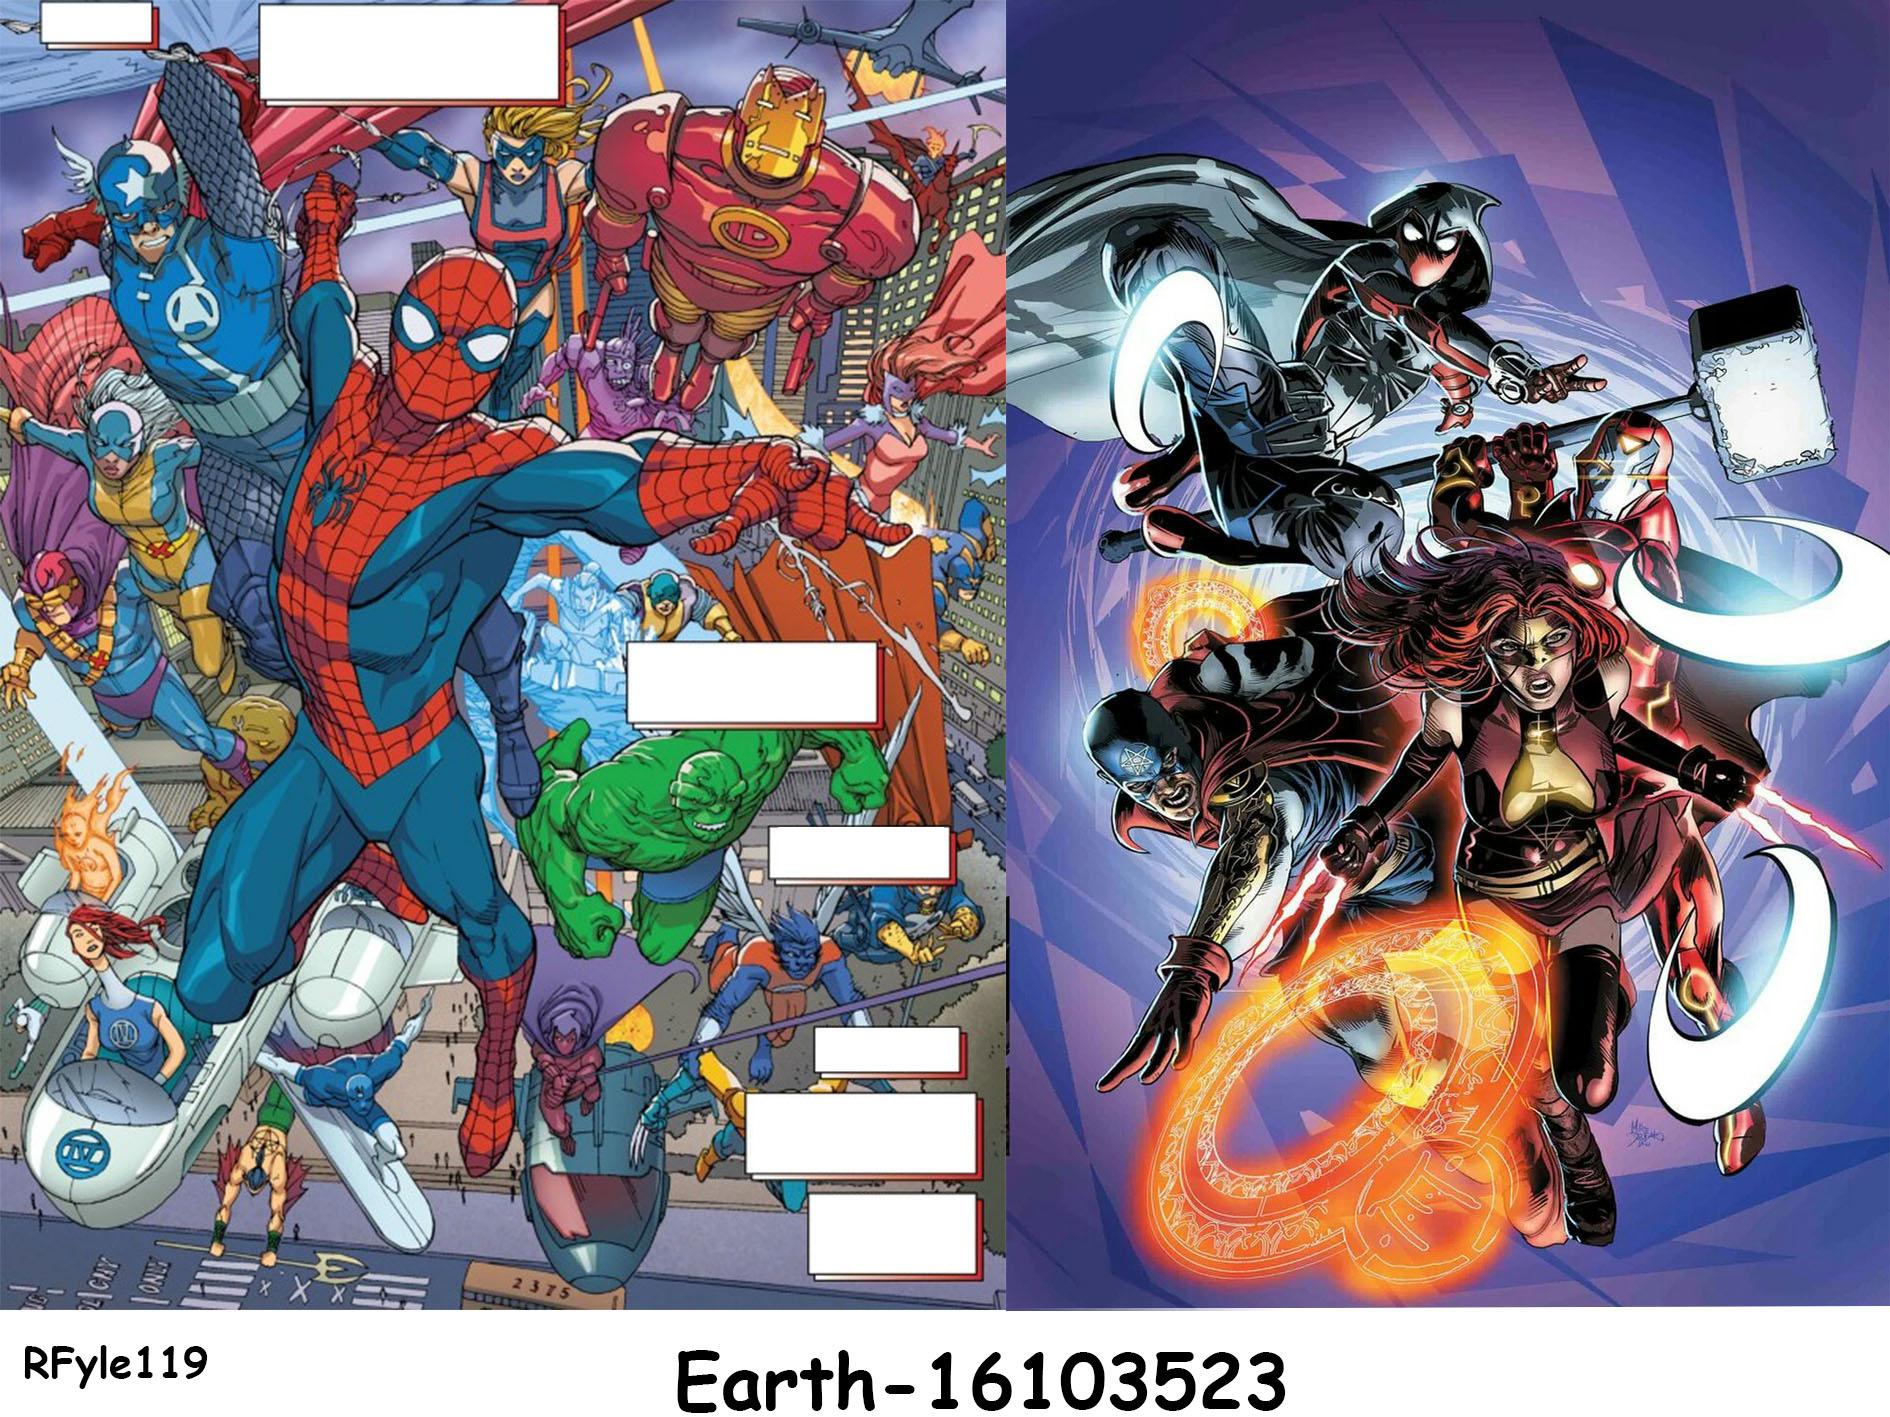 Earth-16103523